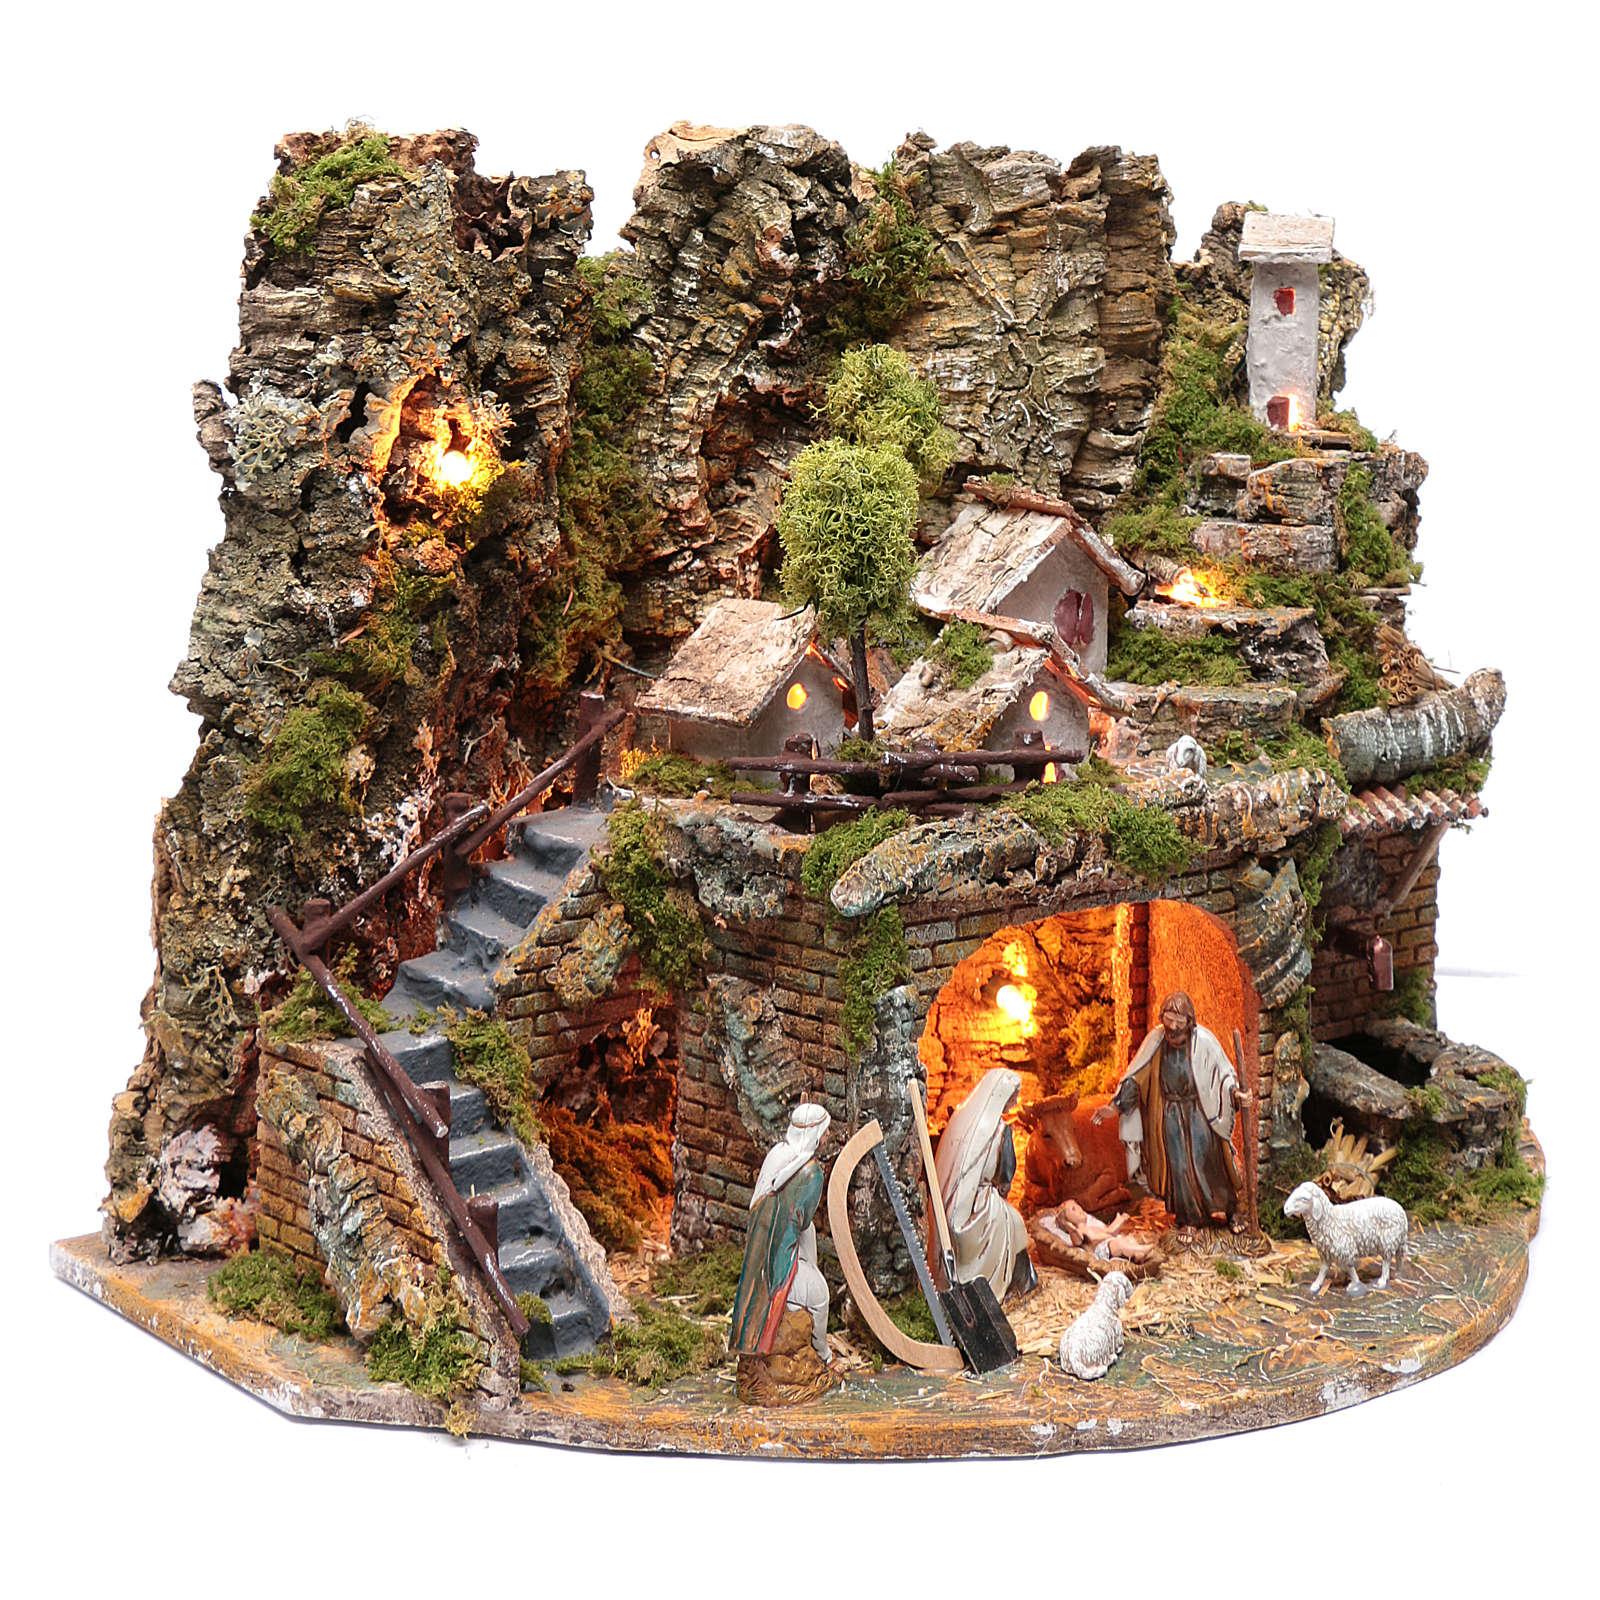 Paesaggio con casette, fontana, fuoco e luci 40x60x40 cm 4